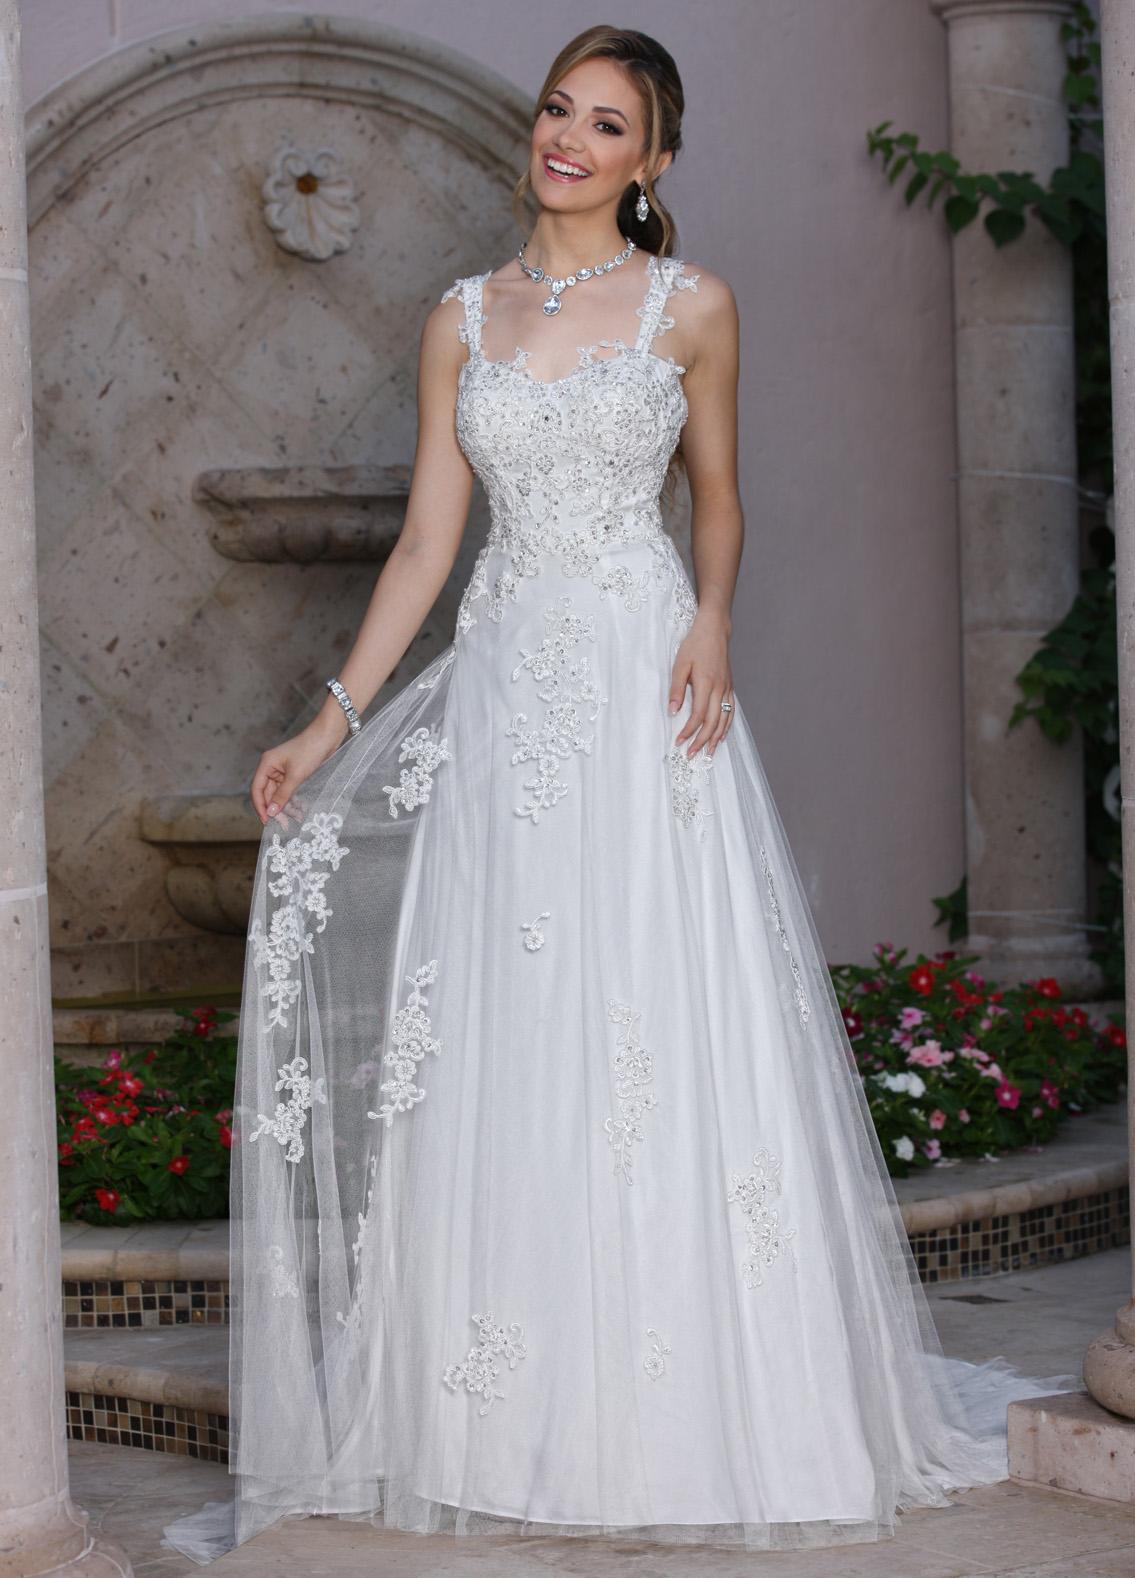 Senhorita Tomaz Casamentos Vestido De Noiva Modelo Com